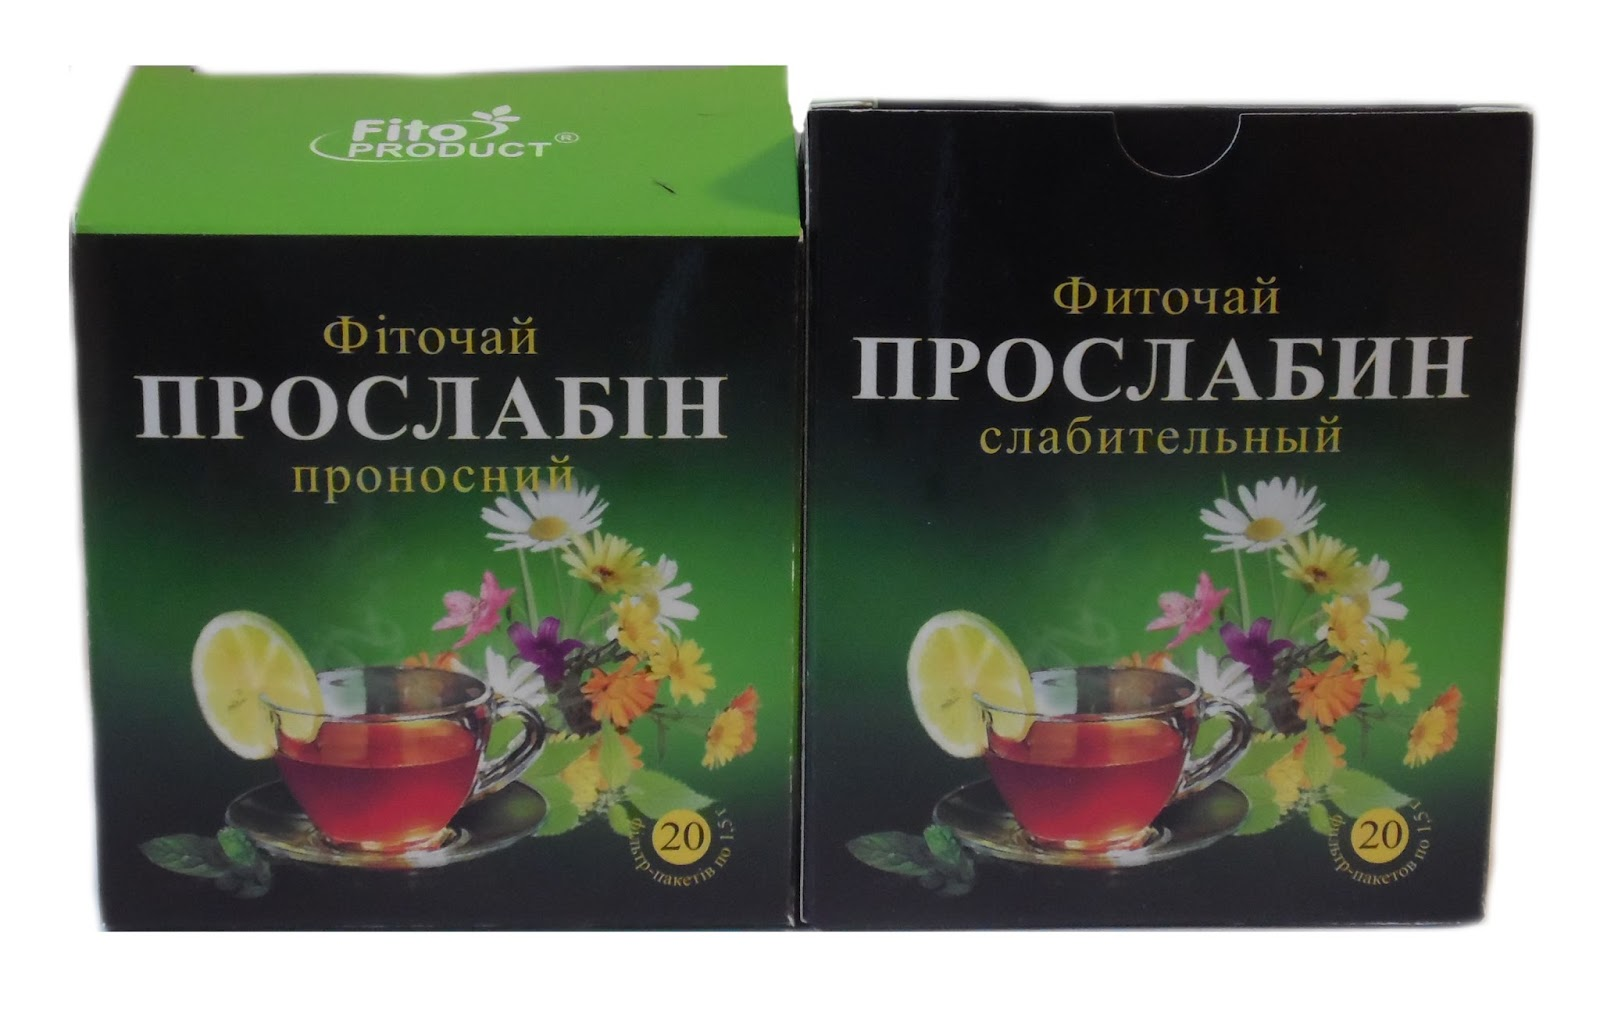 Слабительный чай при запорах – безопасное средство